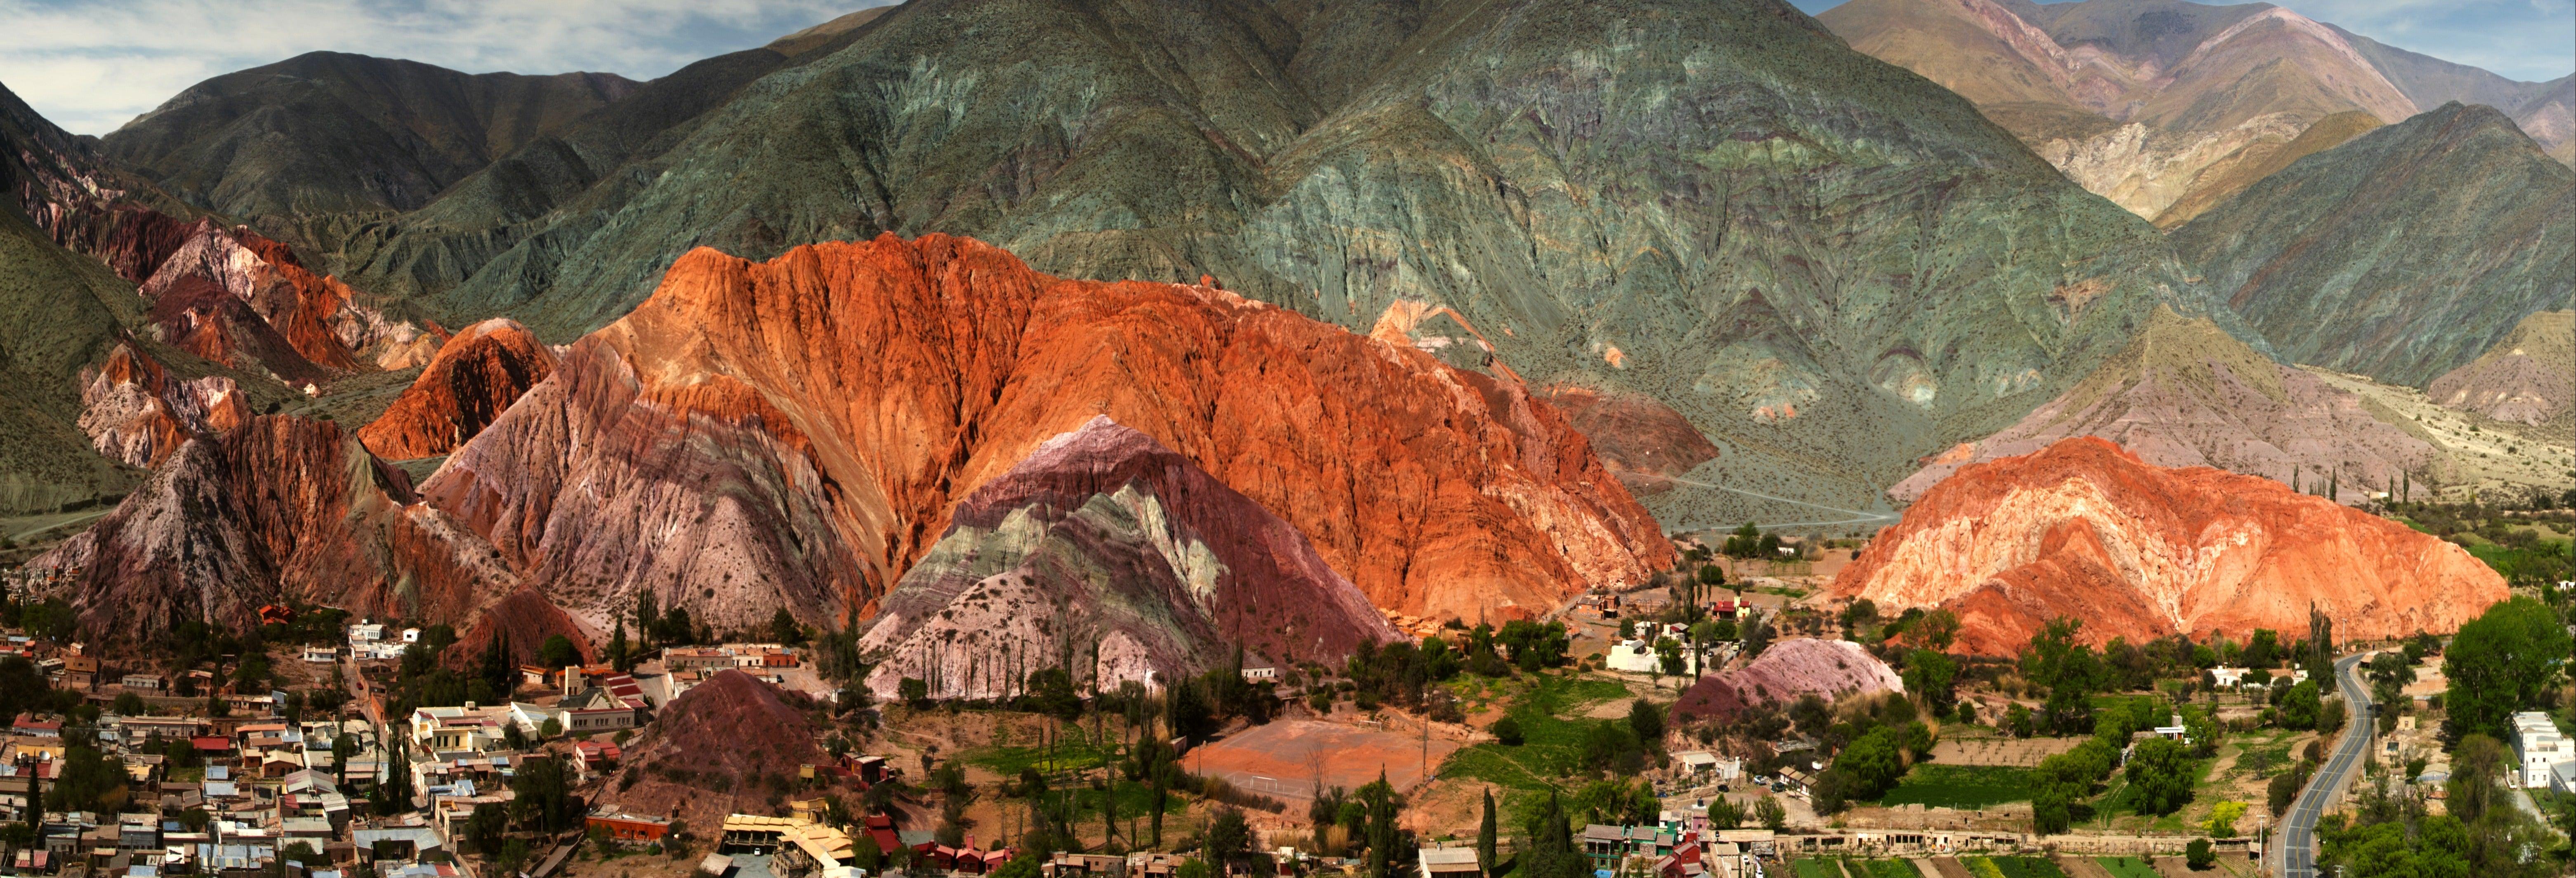 Excursión a Humahuaca